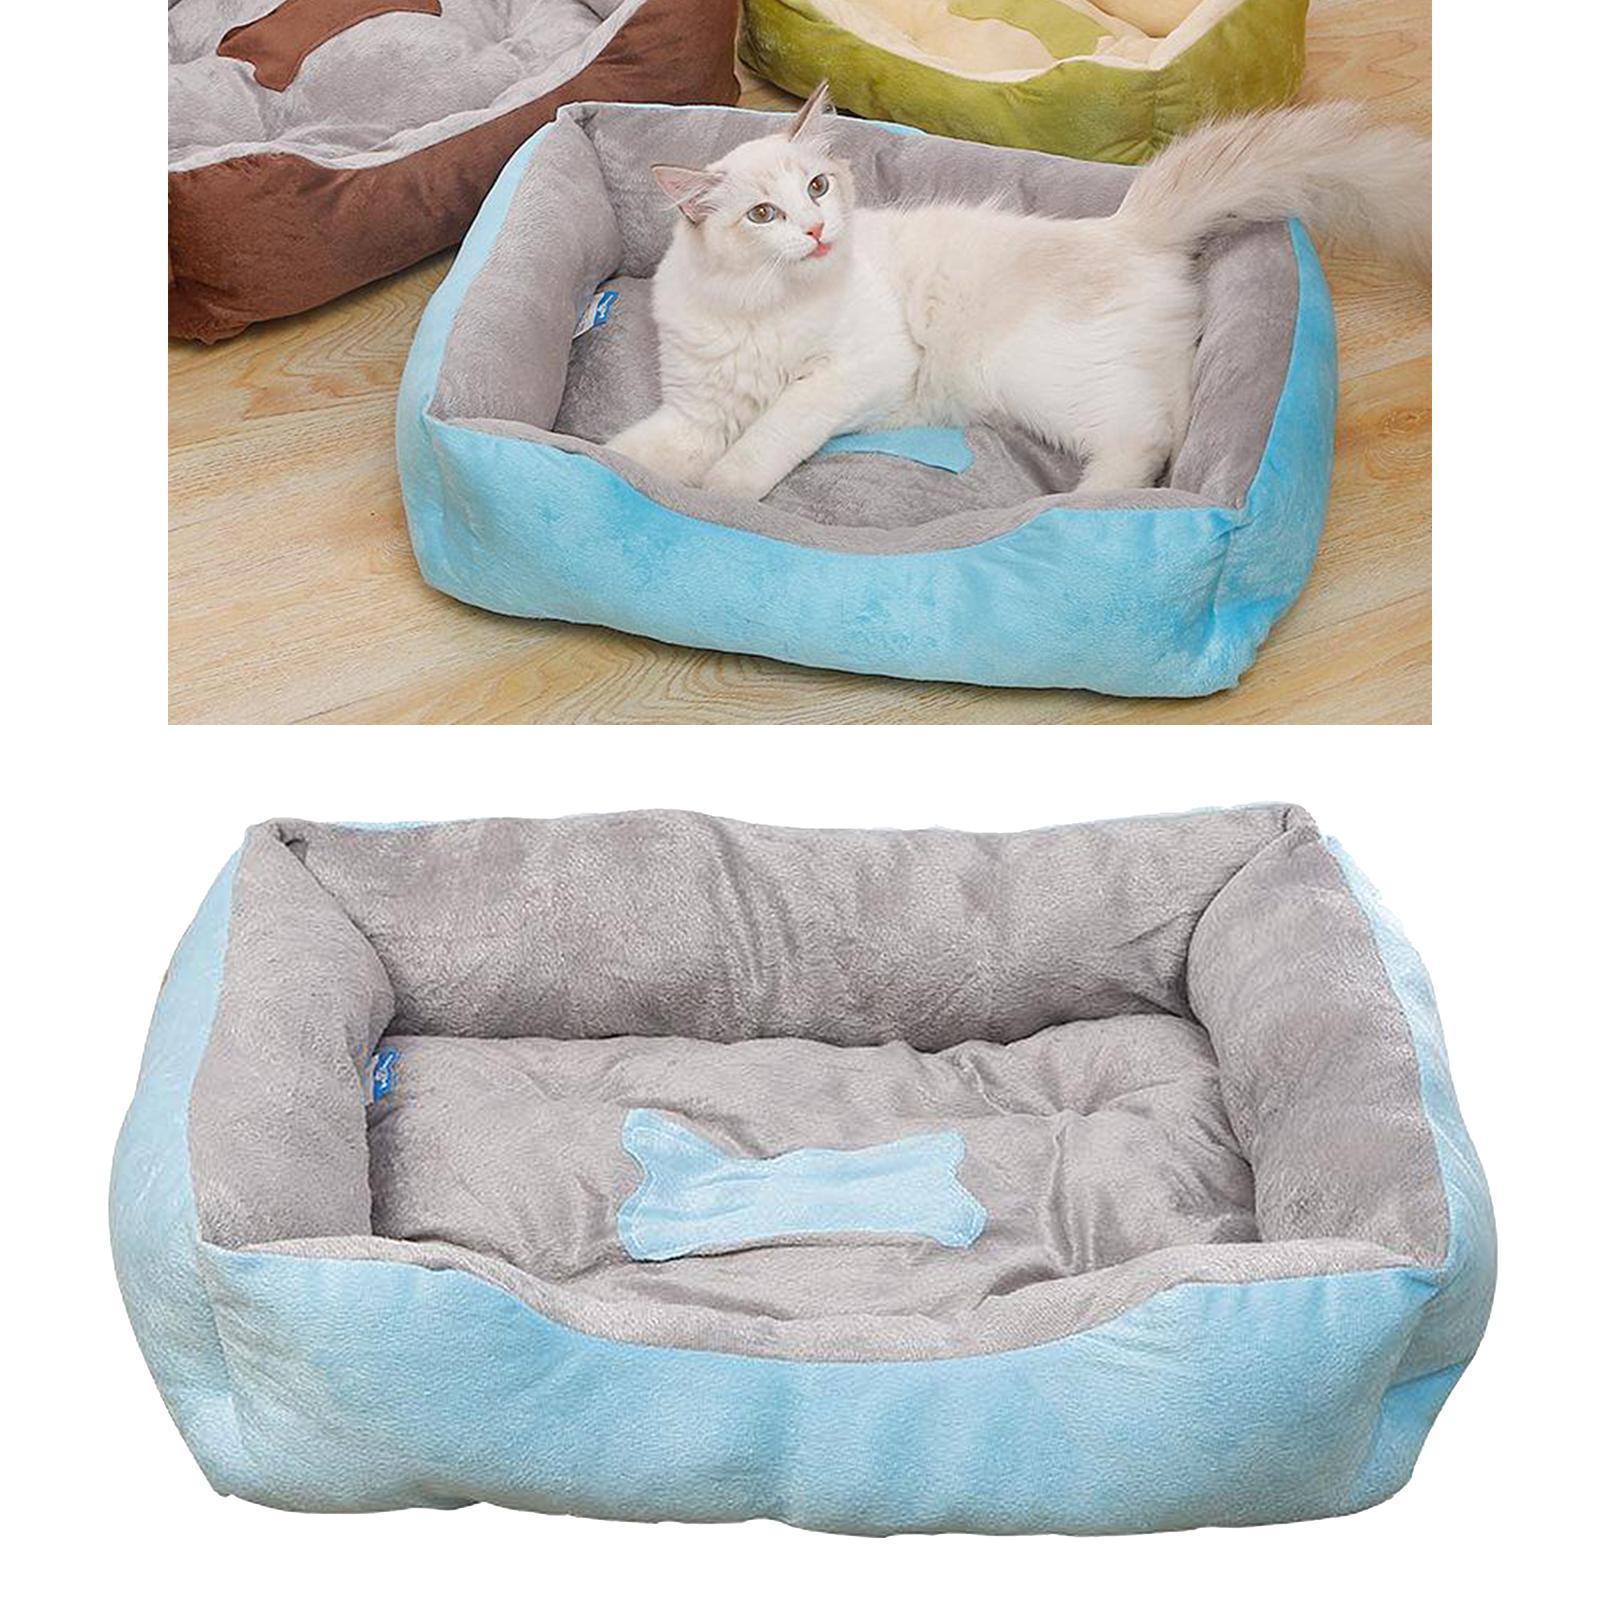 Indexbild 67 - Katze-Hund-Bett-Pet-Kissen-Betten-Haus-Schlaf-Soft-Warmen-Zwinger-Decke-Nest